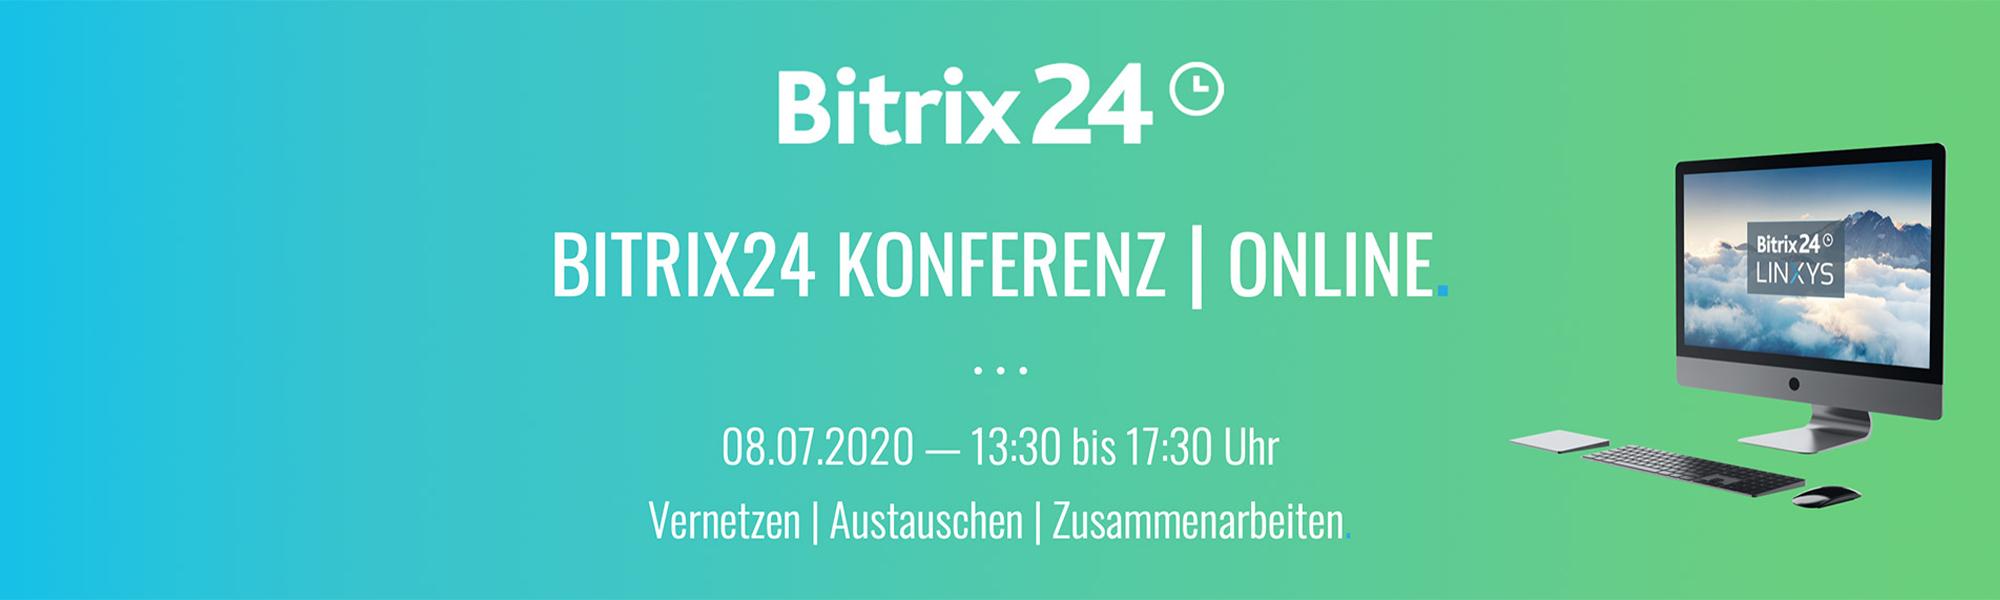 Bitrix24 Konferenz LINXYS